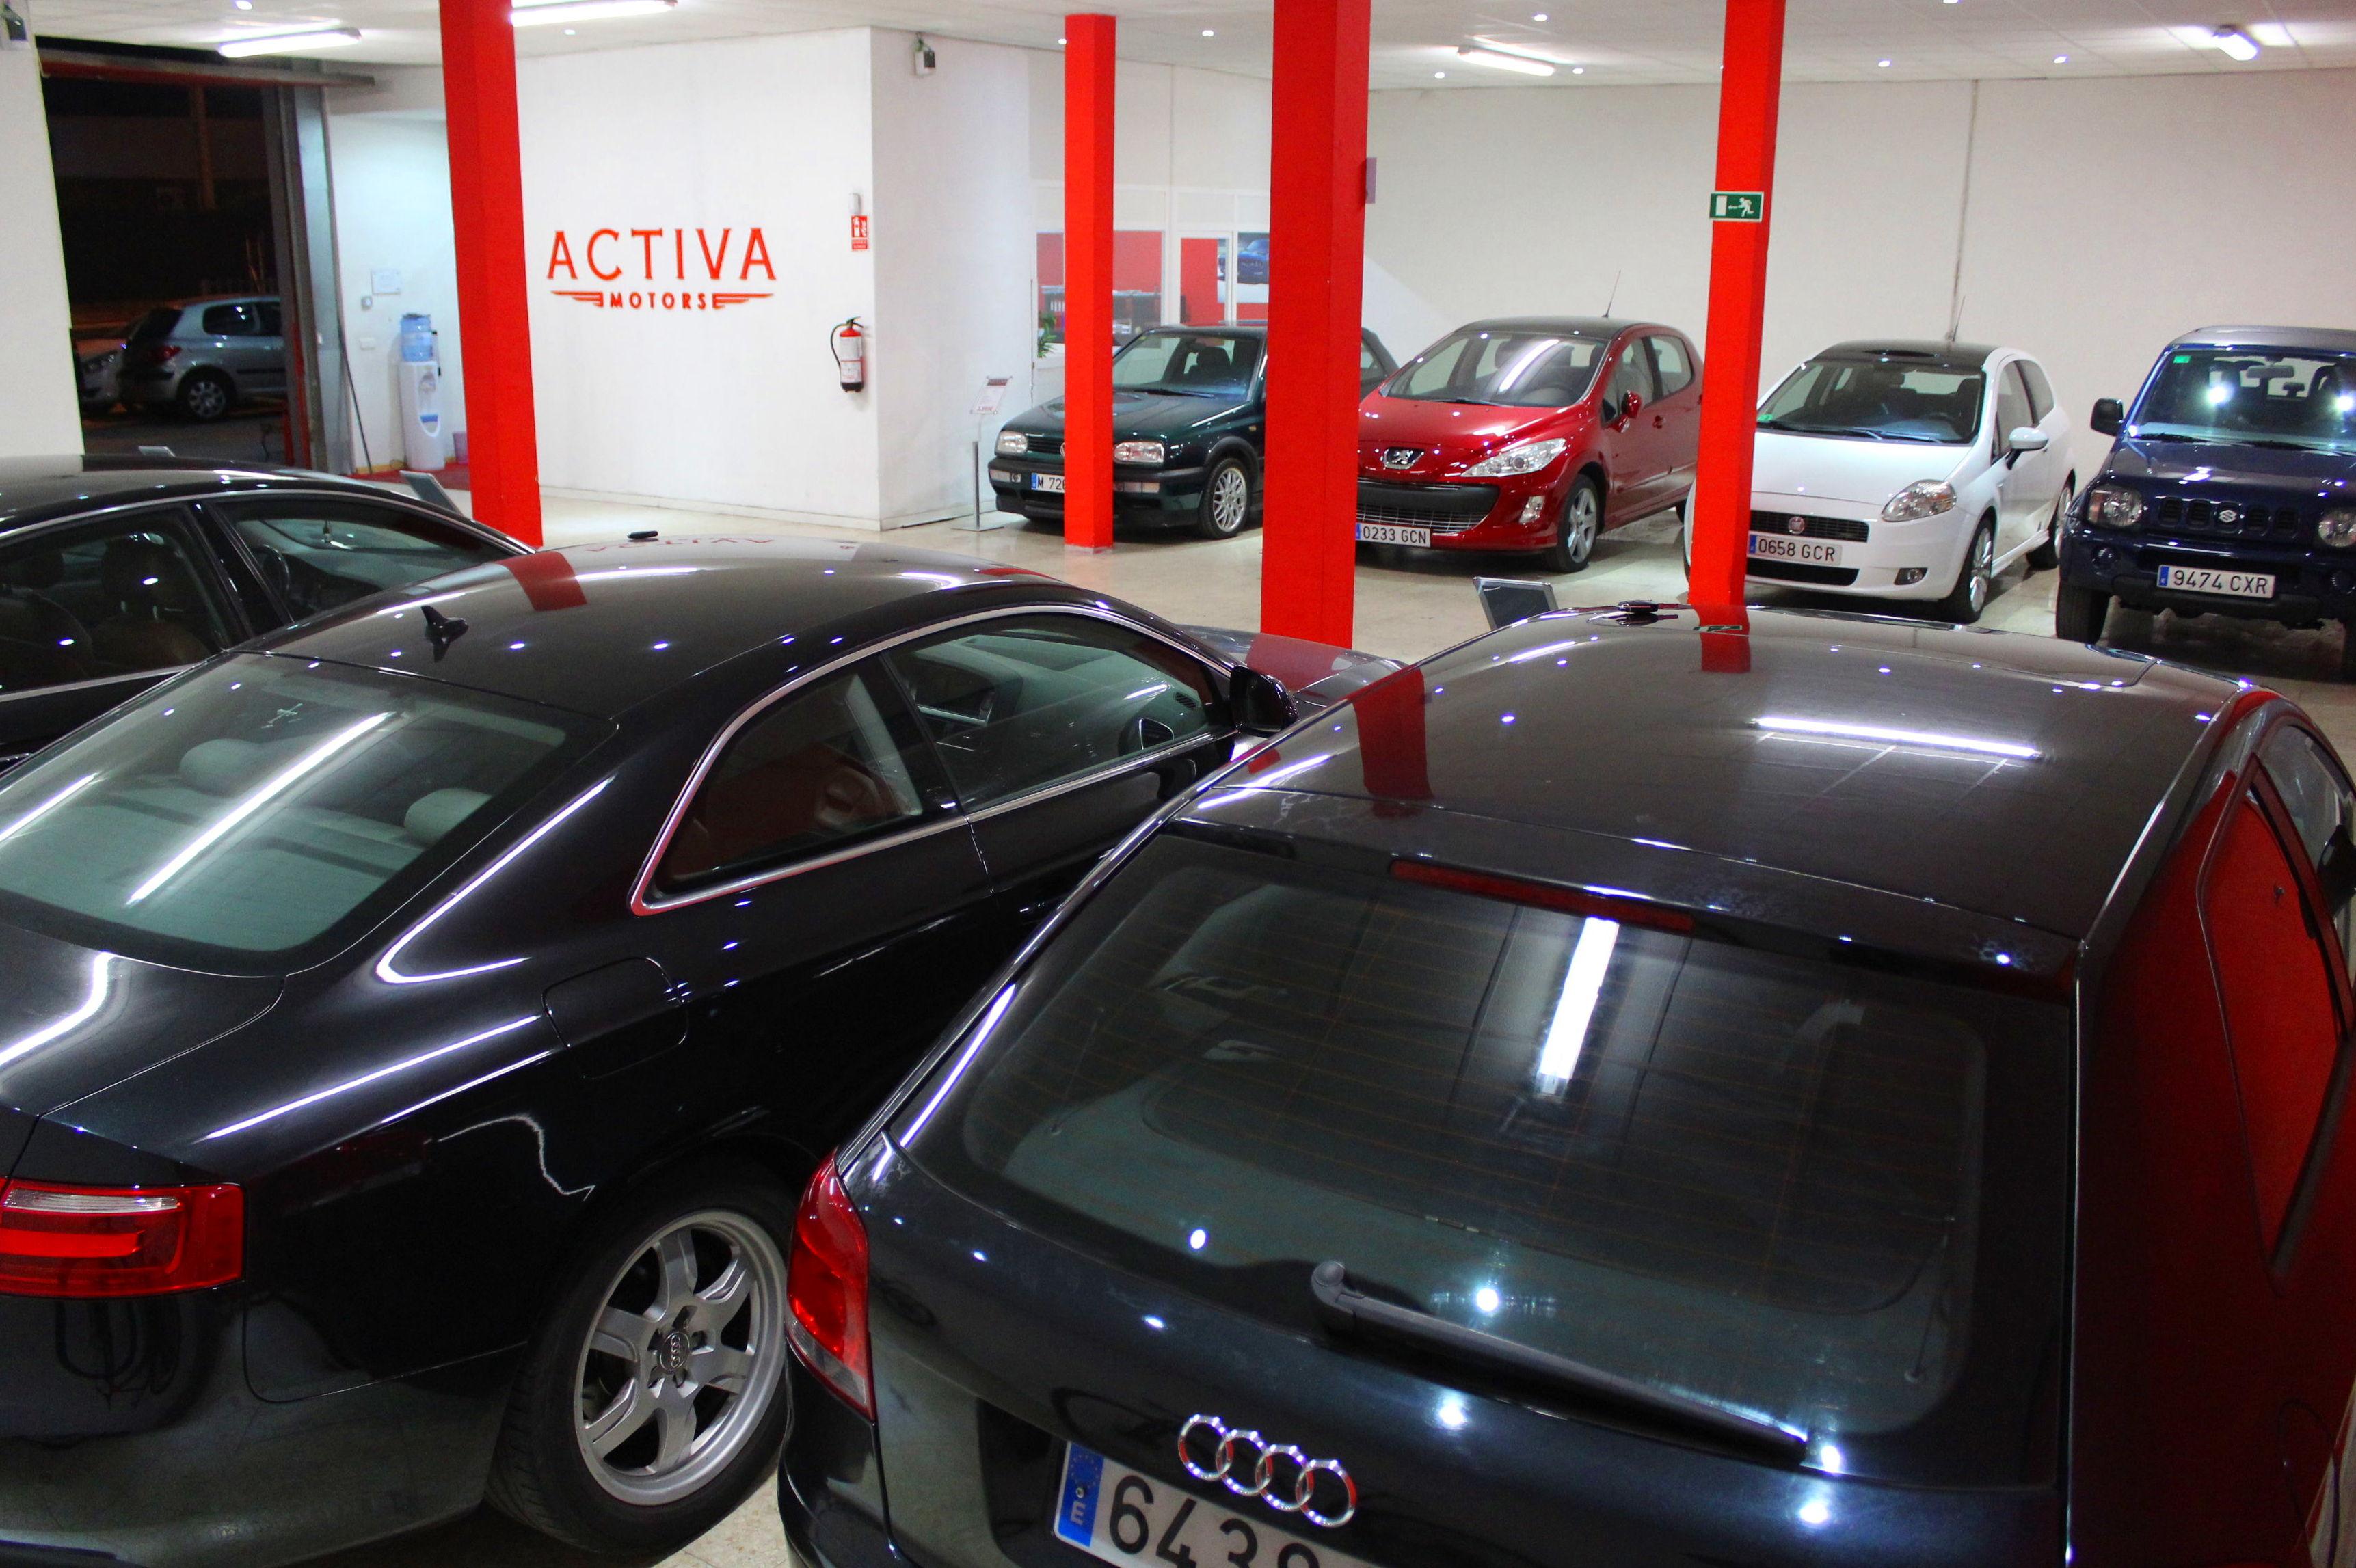 Foto 5 de Compraventa de automóviles en Humanes de Madrid | Activa Motors